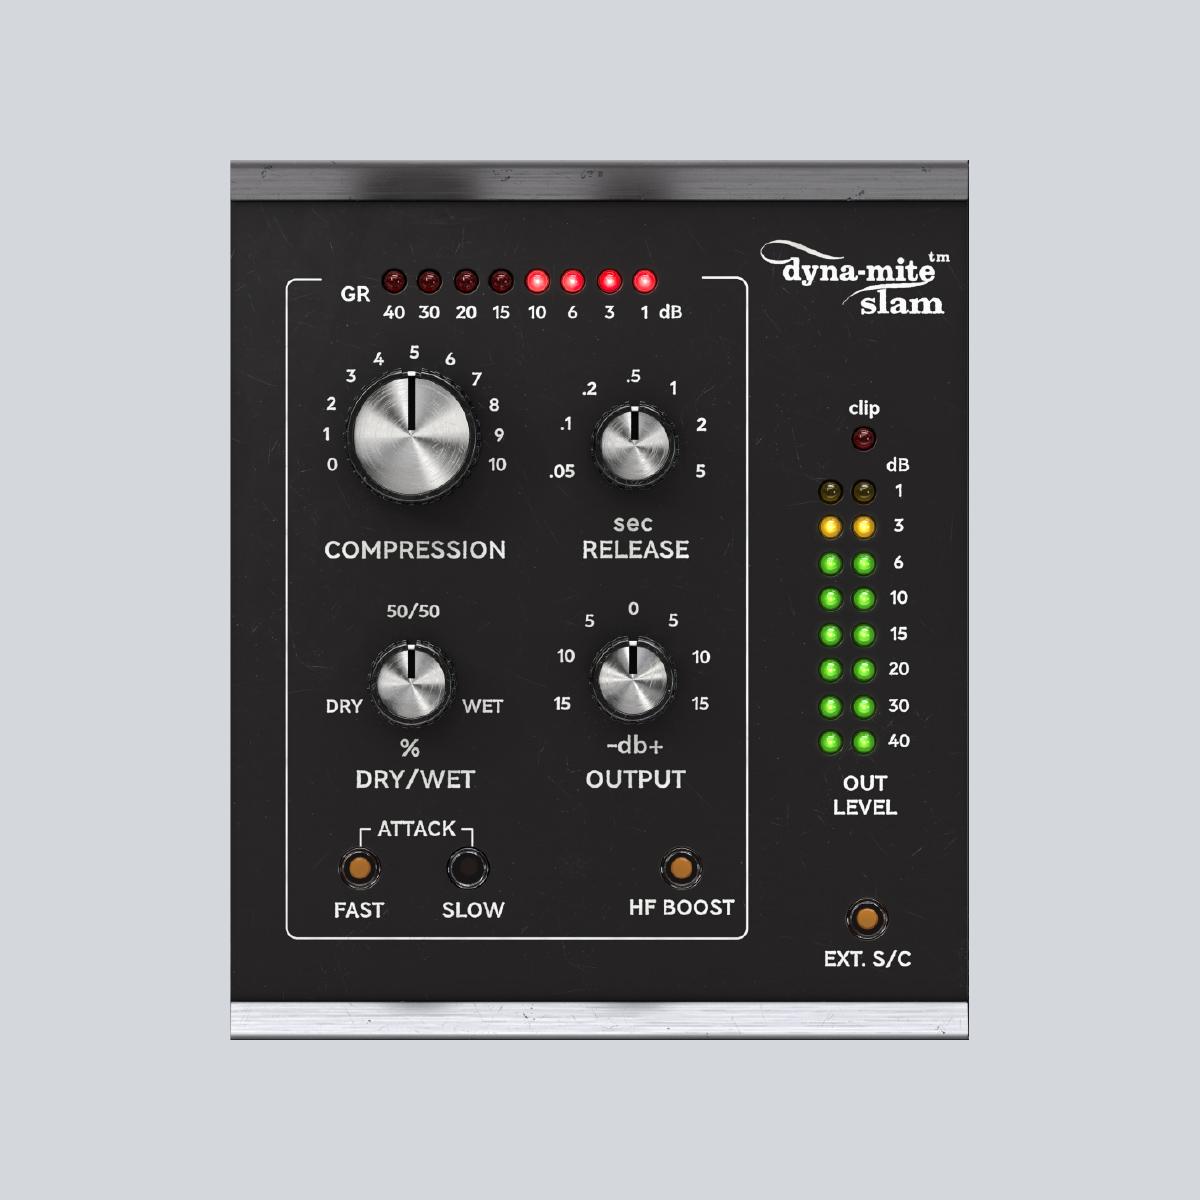 News: Softube veröffentlicht Multi-Resonator-Modul und erweitert das Valley People Dyna-mite Plug-in